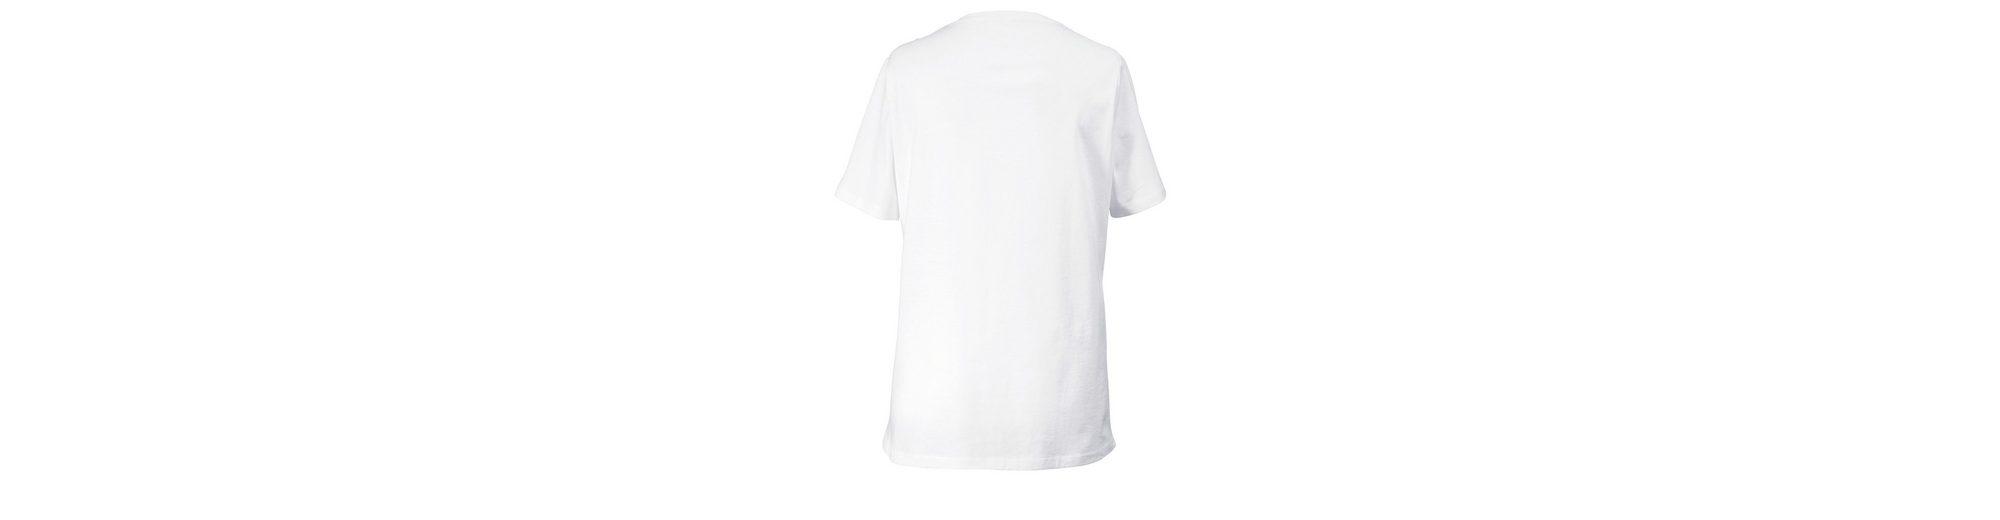 Rabatt Exklusiv Janet und Joyce by Happy Size Shirt mit Strass Online-Shopping Günstigen Preis t9iDby